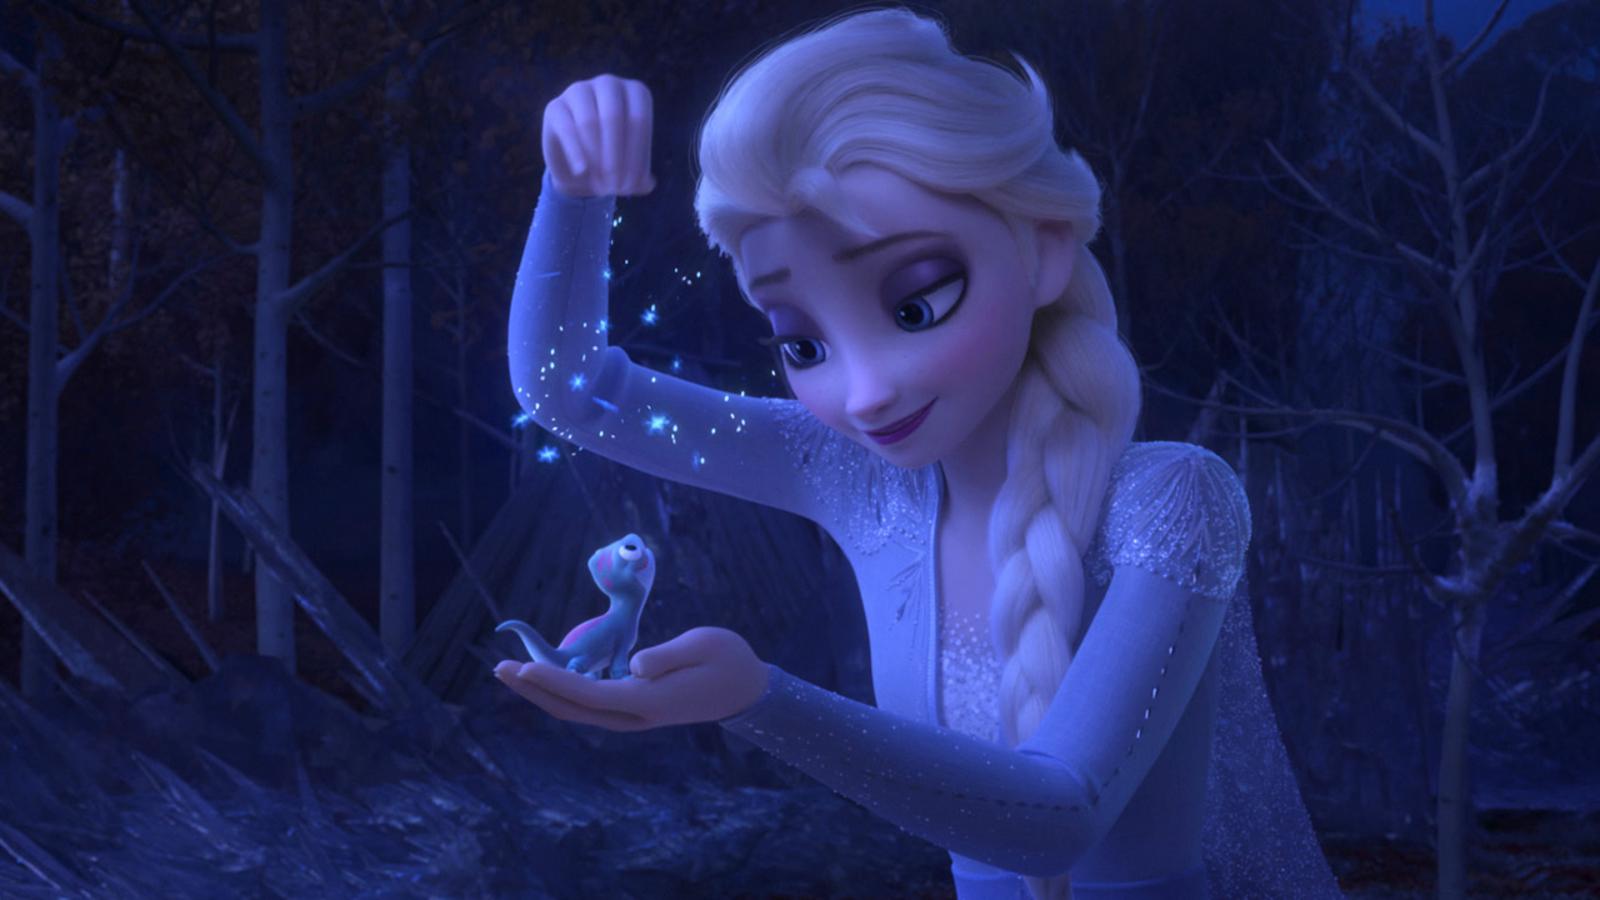 Disney S Frozen 2 Effects Artist Erin Ramos Talks Making Movie Magic Abc13 Houston